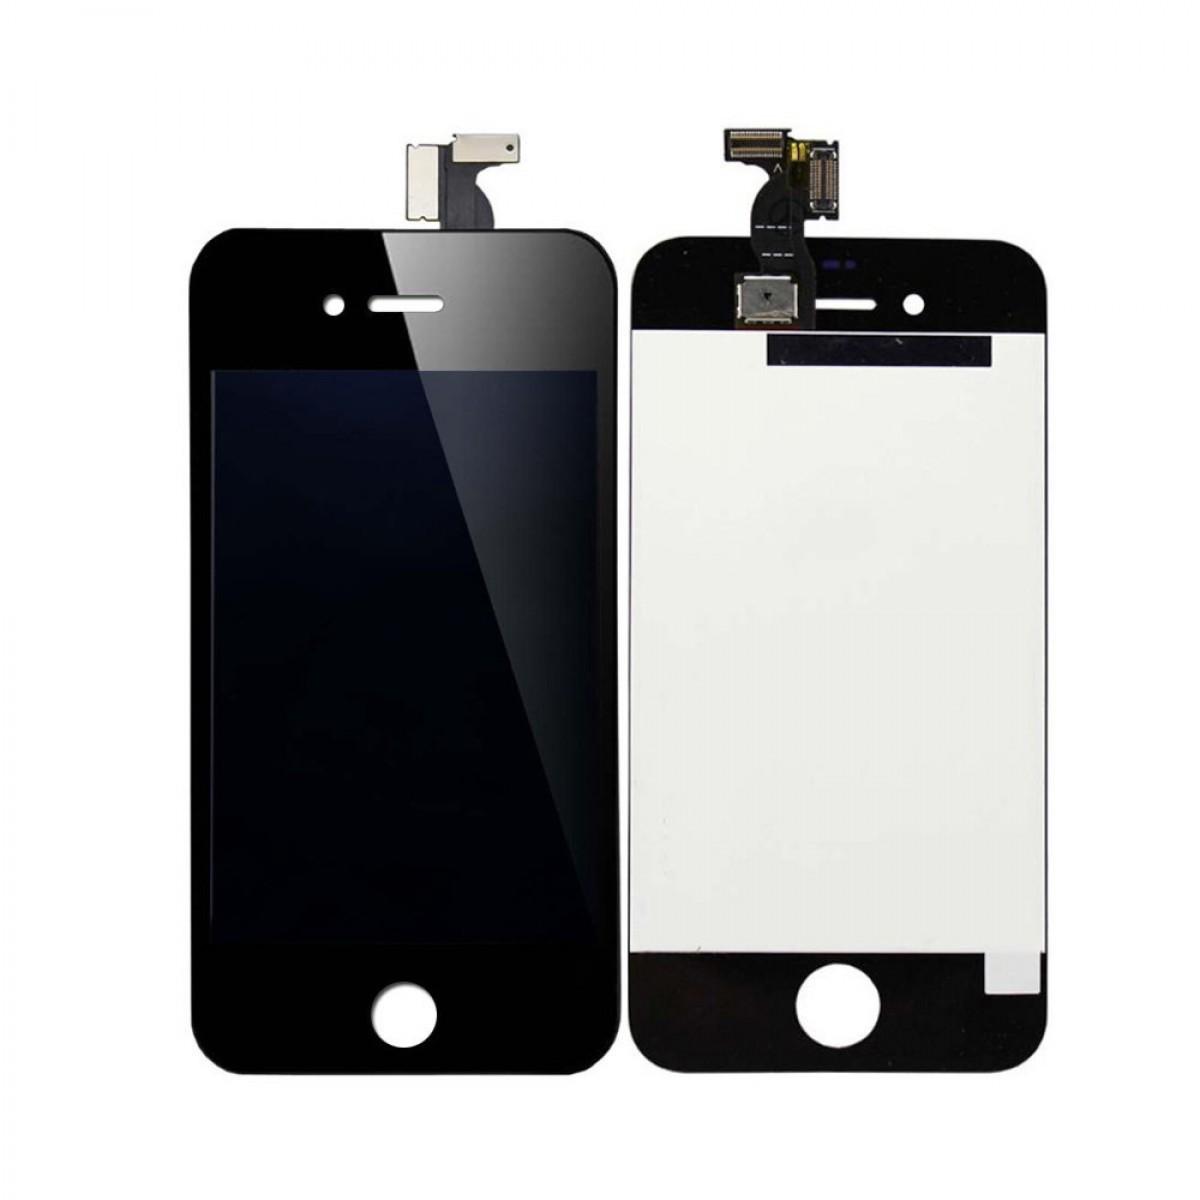 cran iphone 4s noir achat en ligne sur lcd maroc. Black Bedroom Furniture Sets. Home Design Ideas